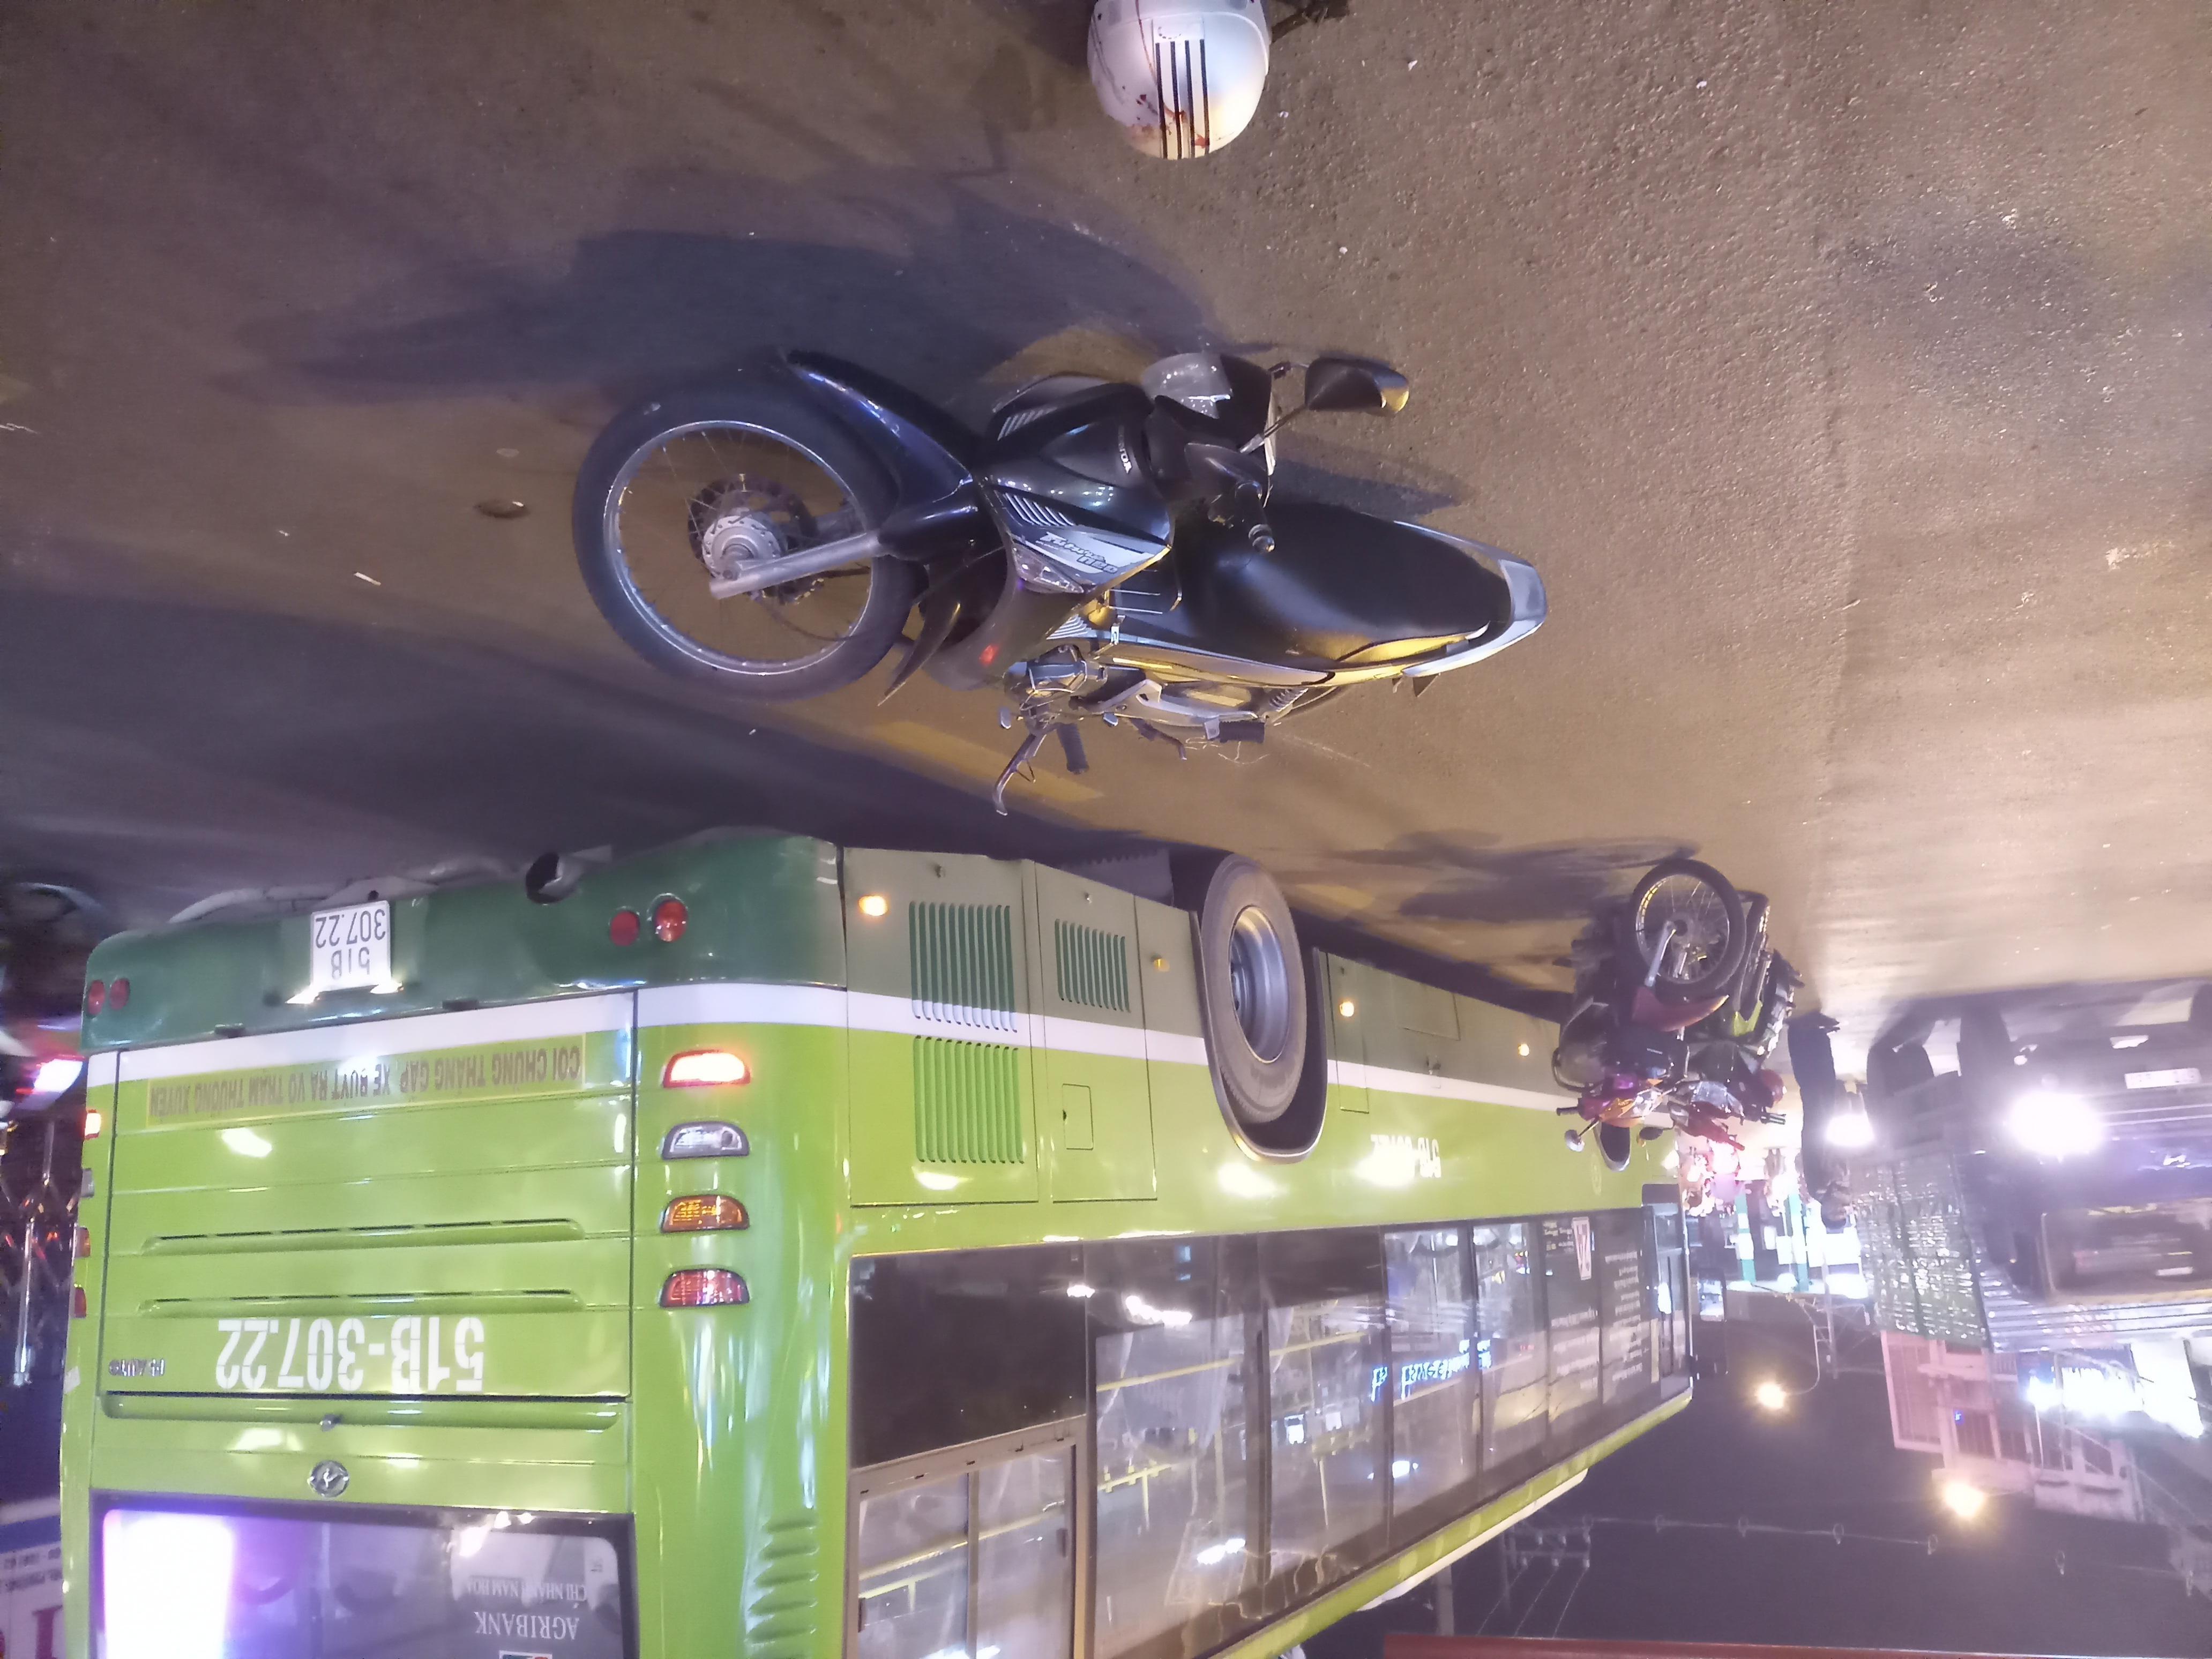 Nam thanh niên đi xe máy đâm vào đuôi xe buýt bất tỉnh - Ảnh 2